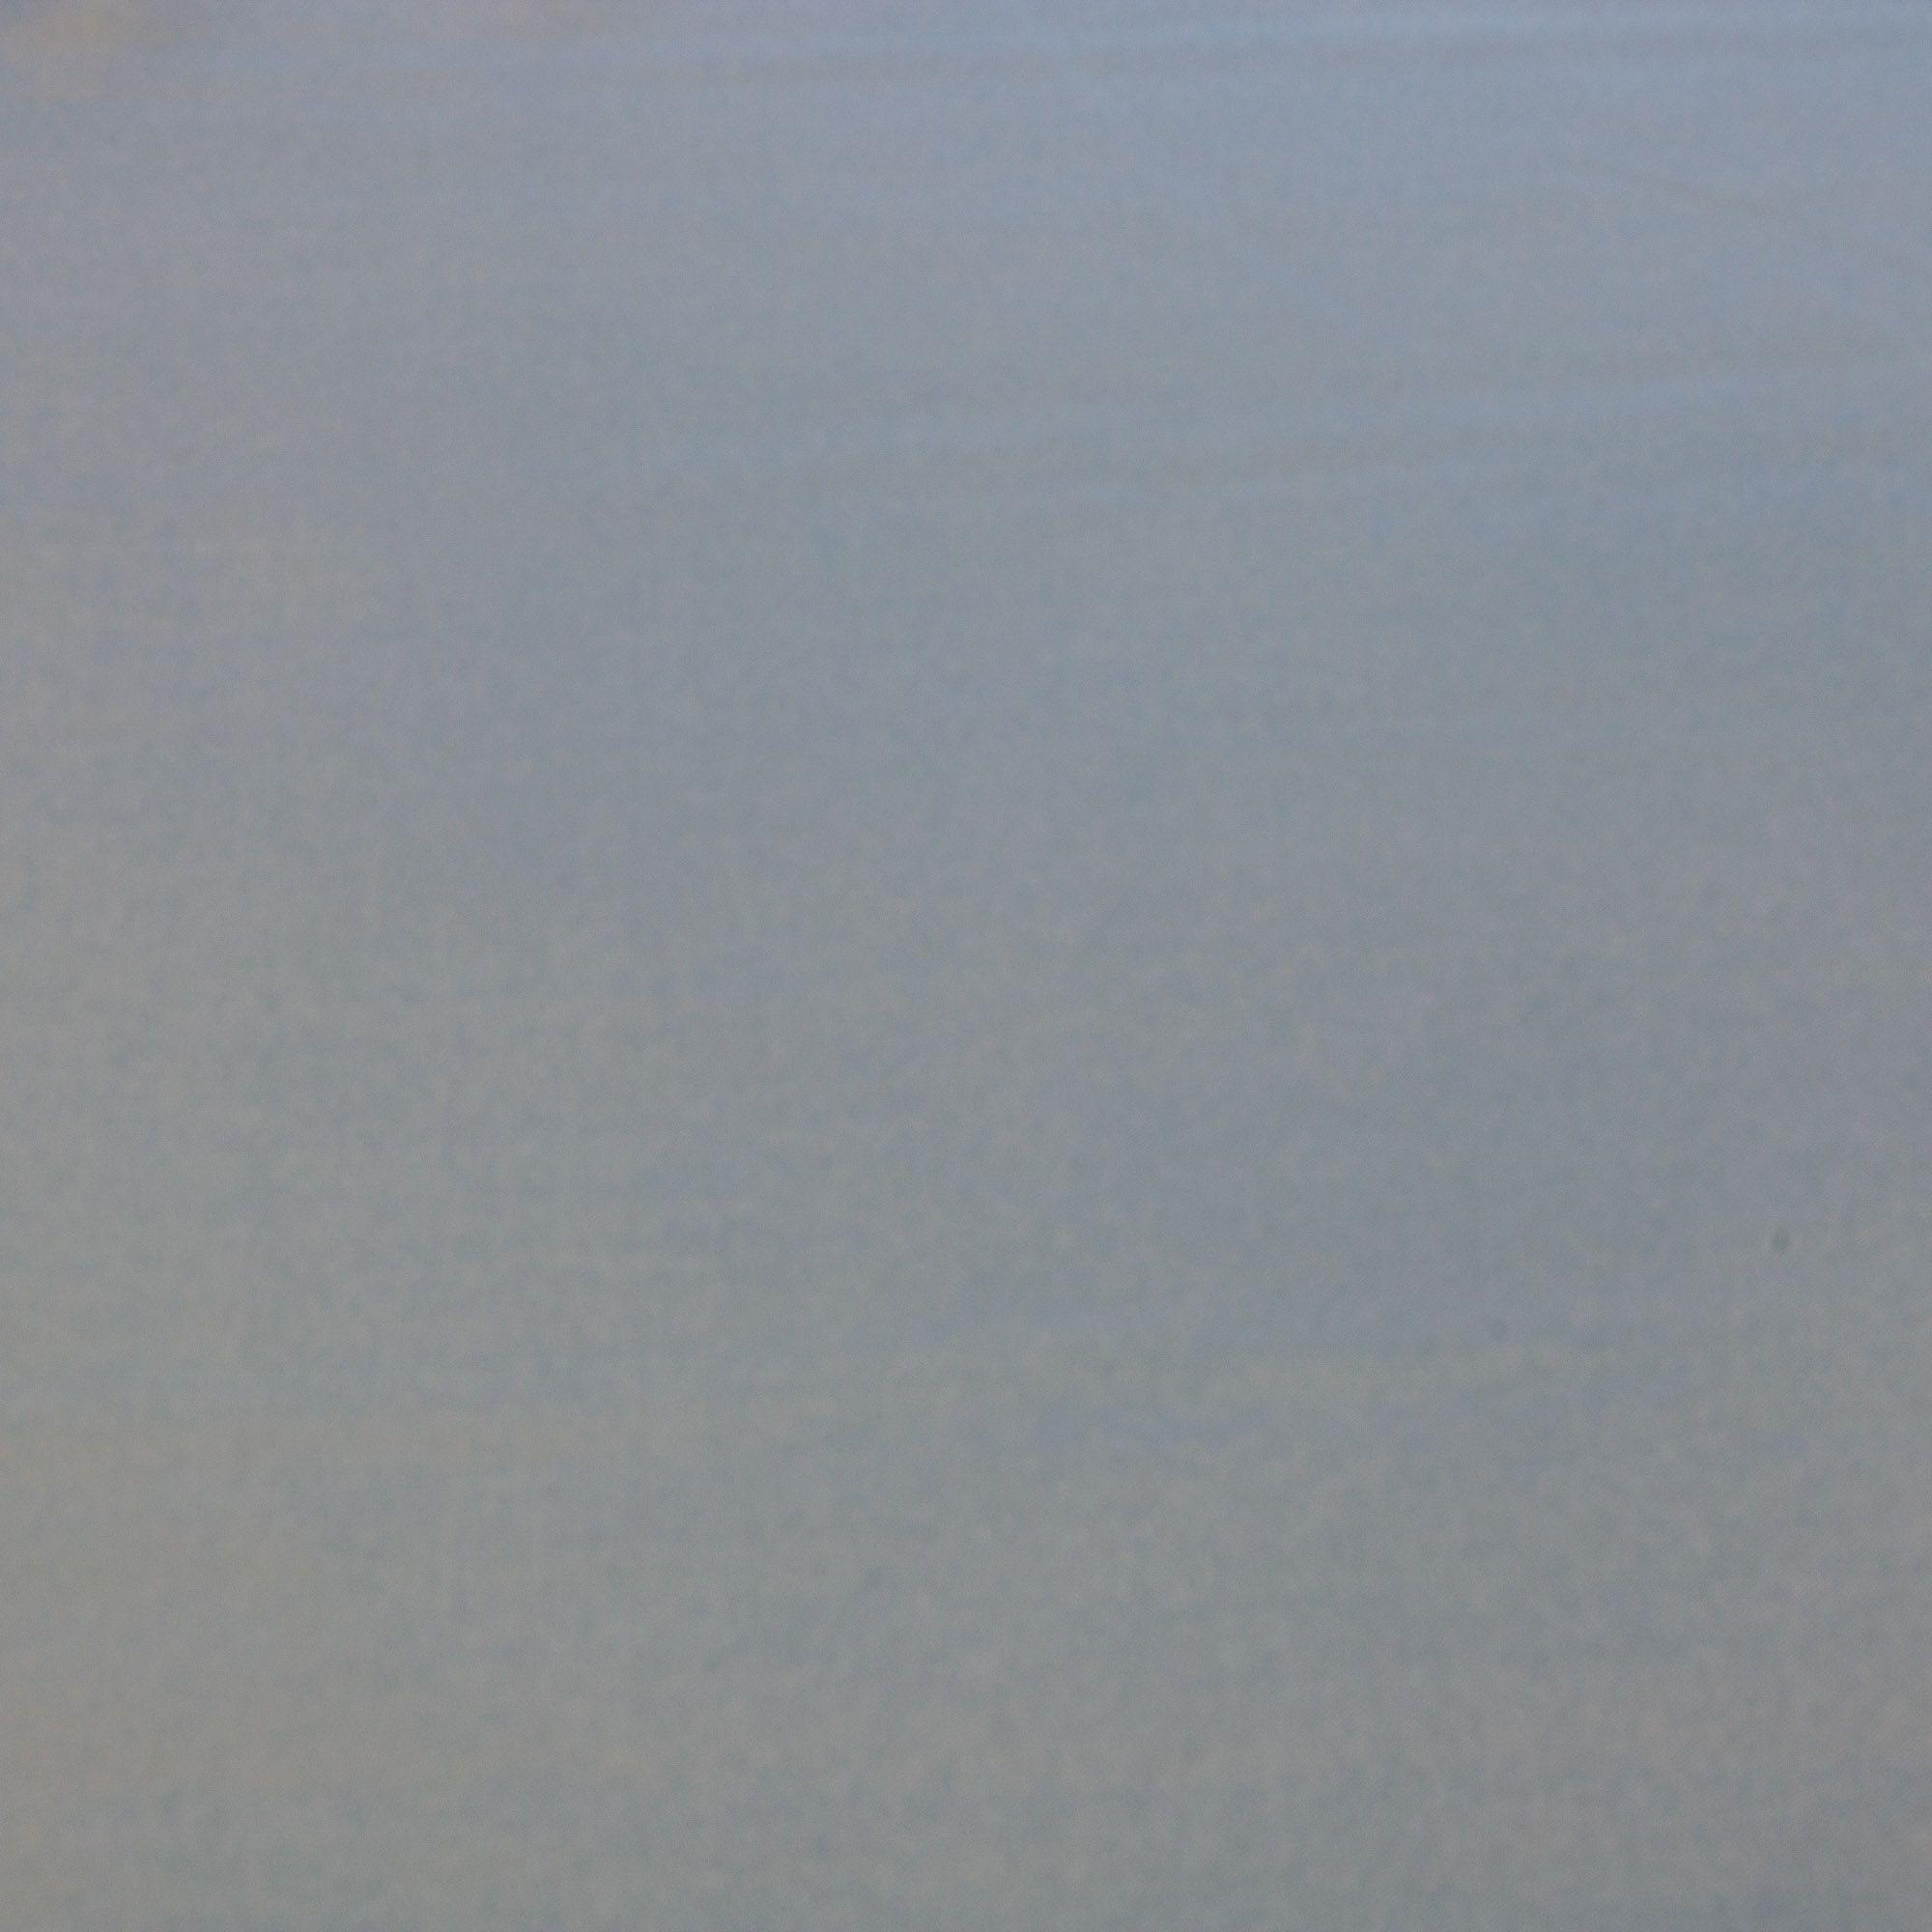 Tecido Cetim de Forro Azul Celeste 100% Poliester 1,40 m Largura